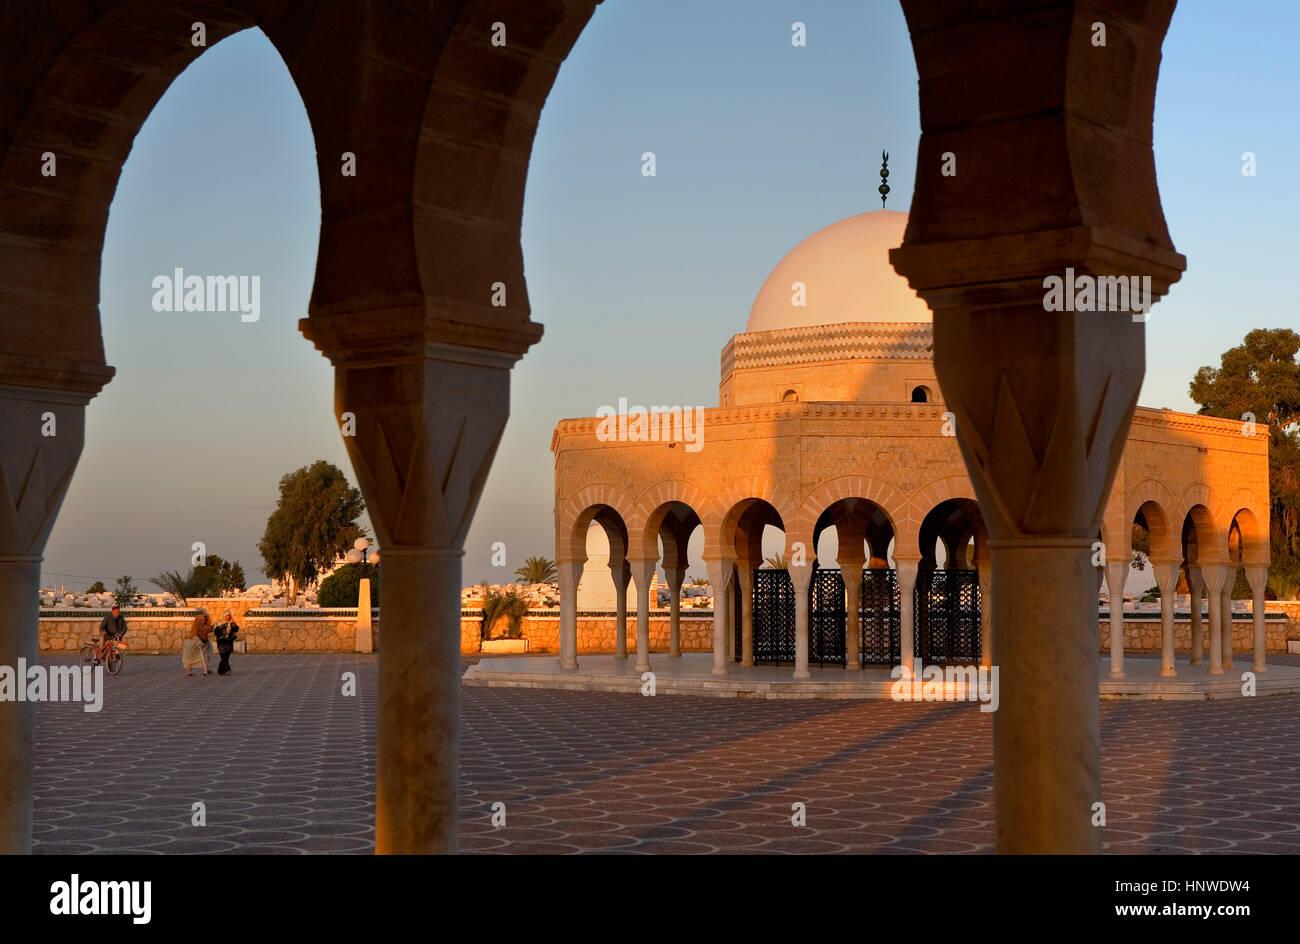 En la entrada a la tumba mausoleo de bourguiba, Túnez: Monastir Foto de stock